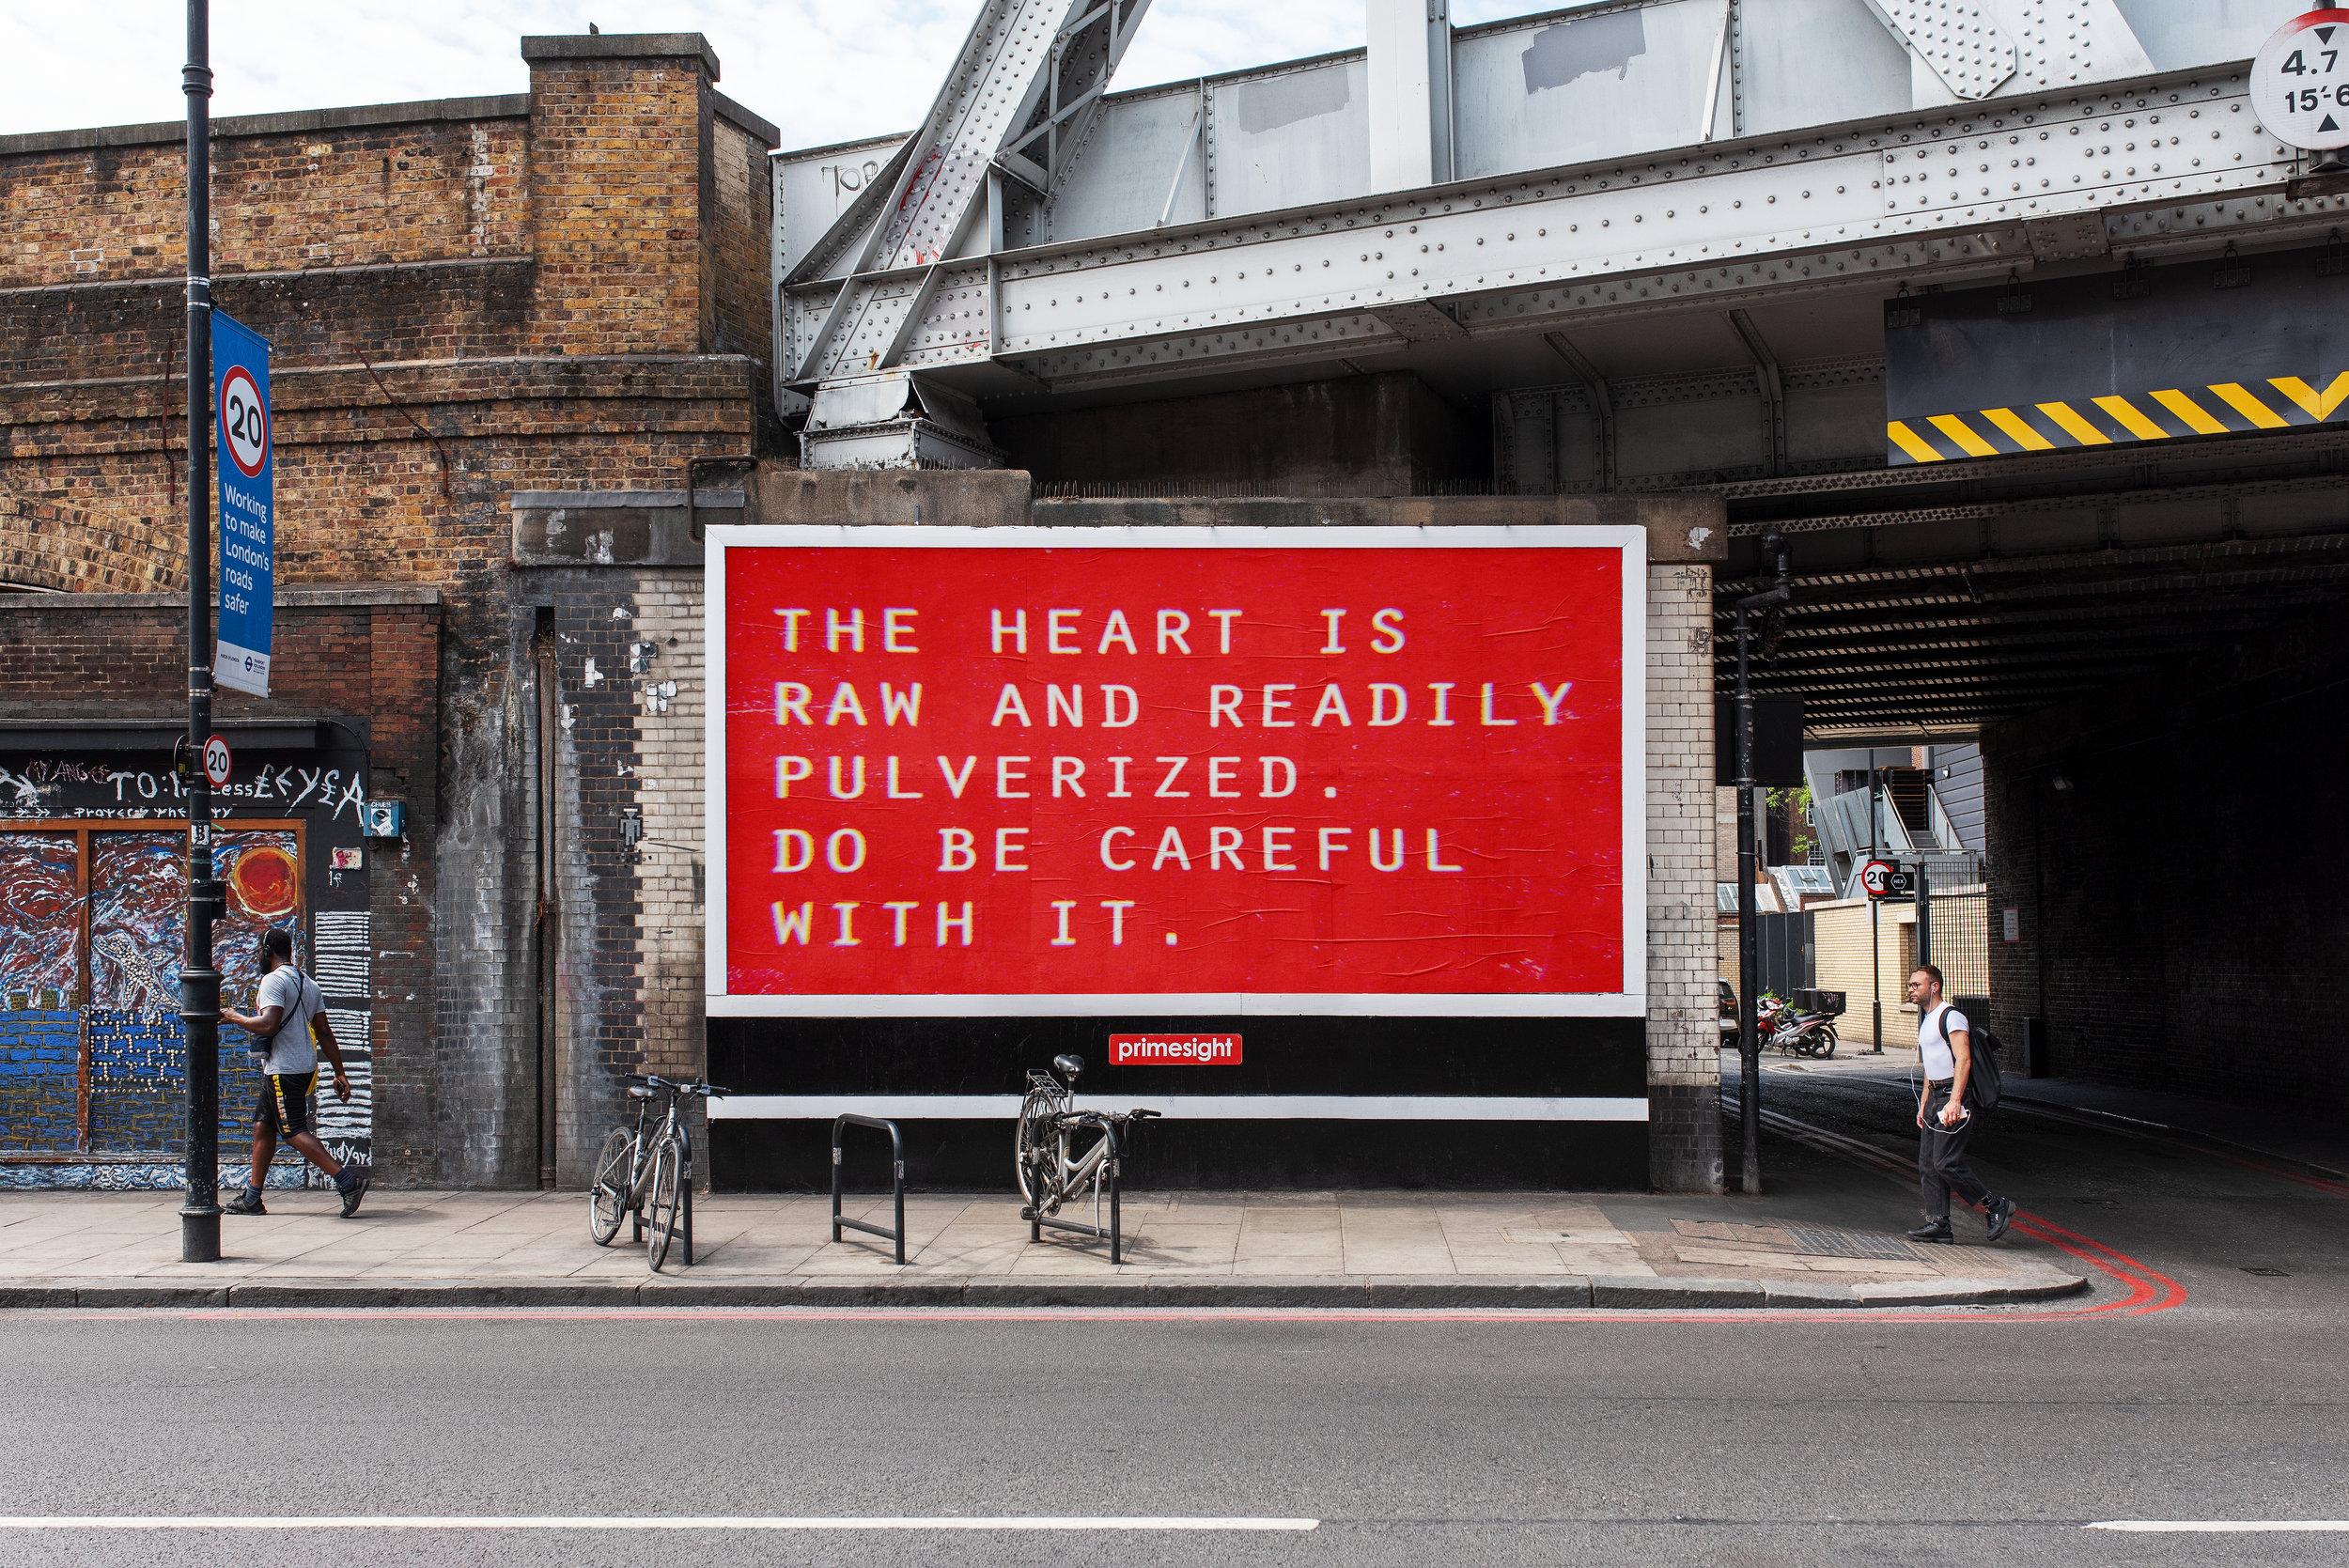 1_RAW_HEART_222_billboard_urban_poster_mockup.jpg